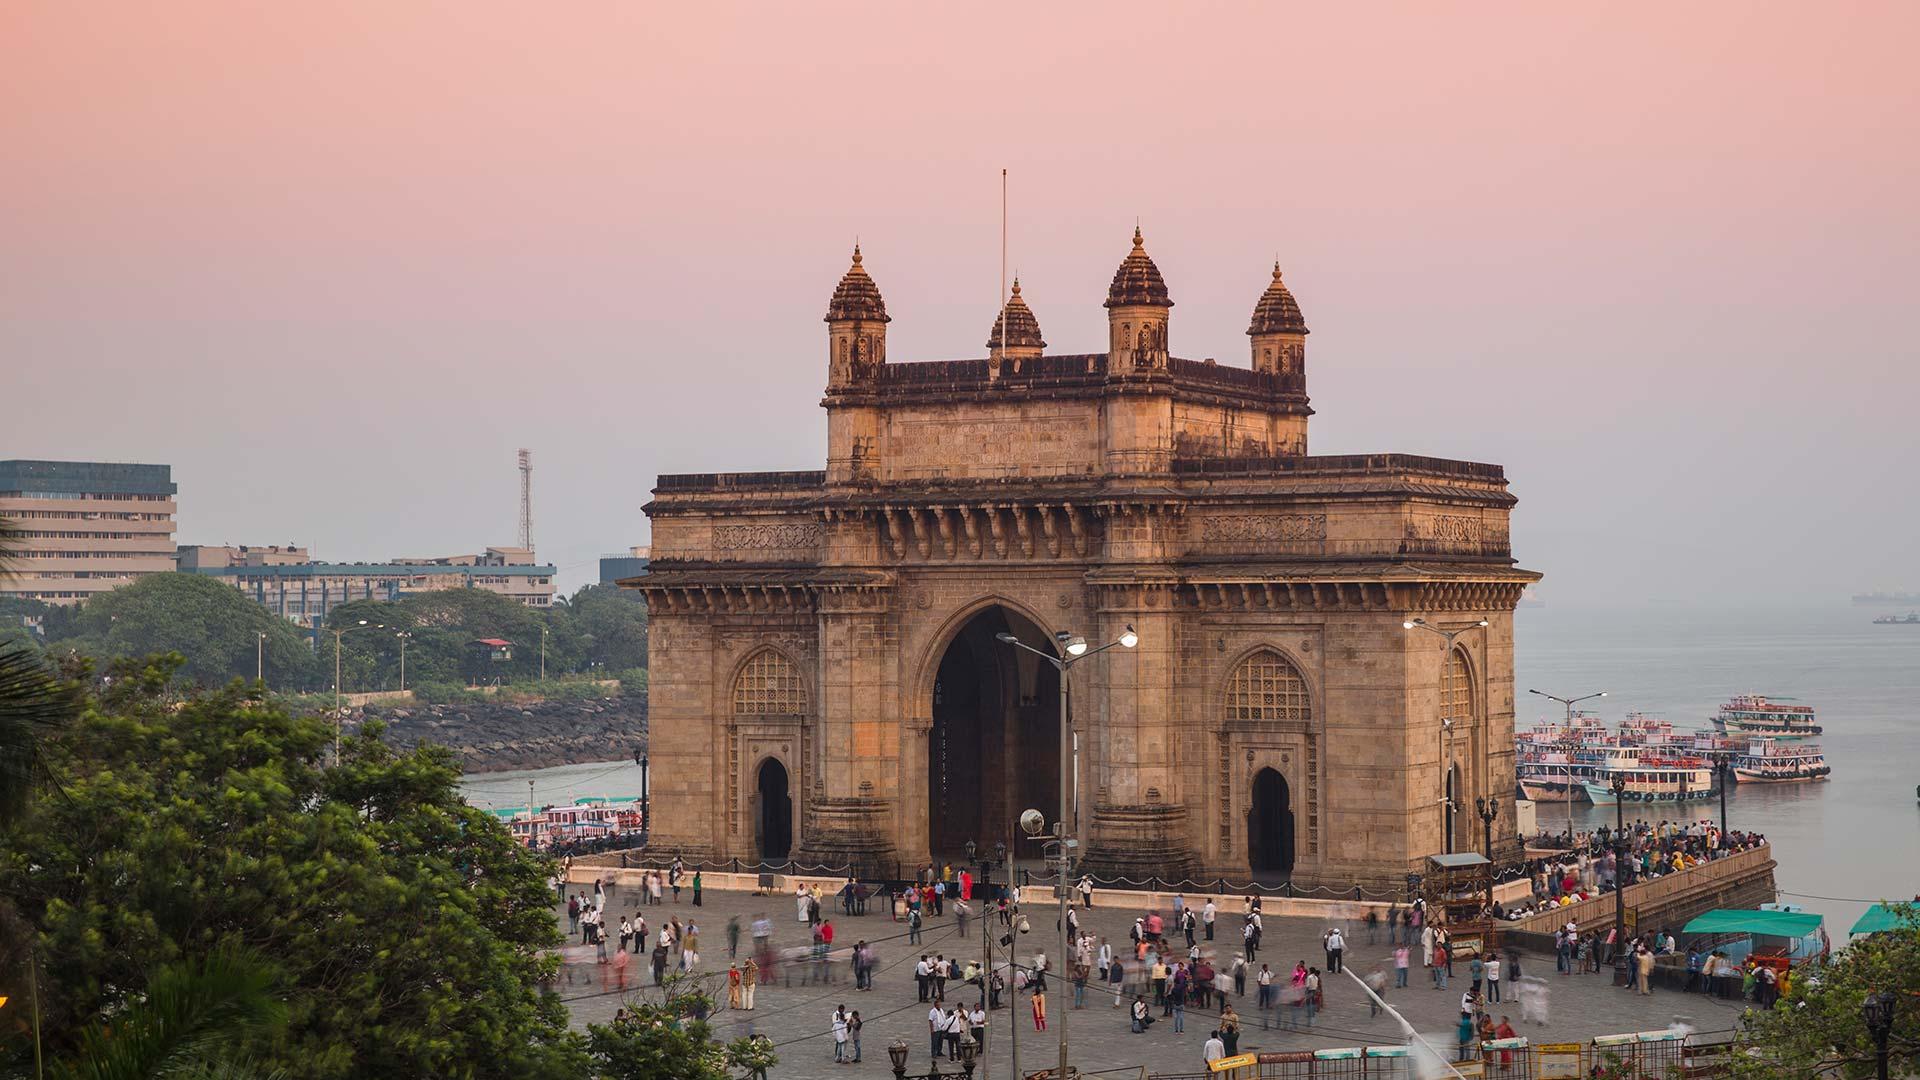 The Gateway of India in Mumbai